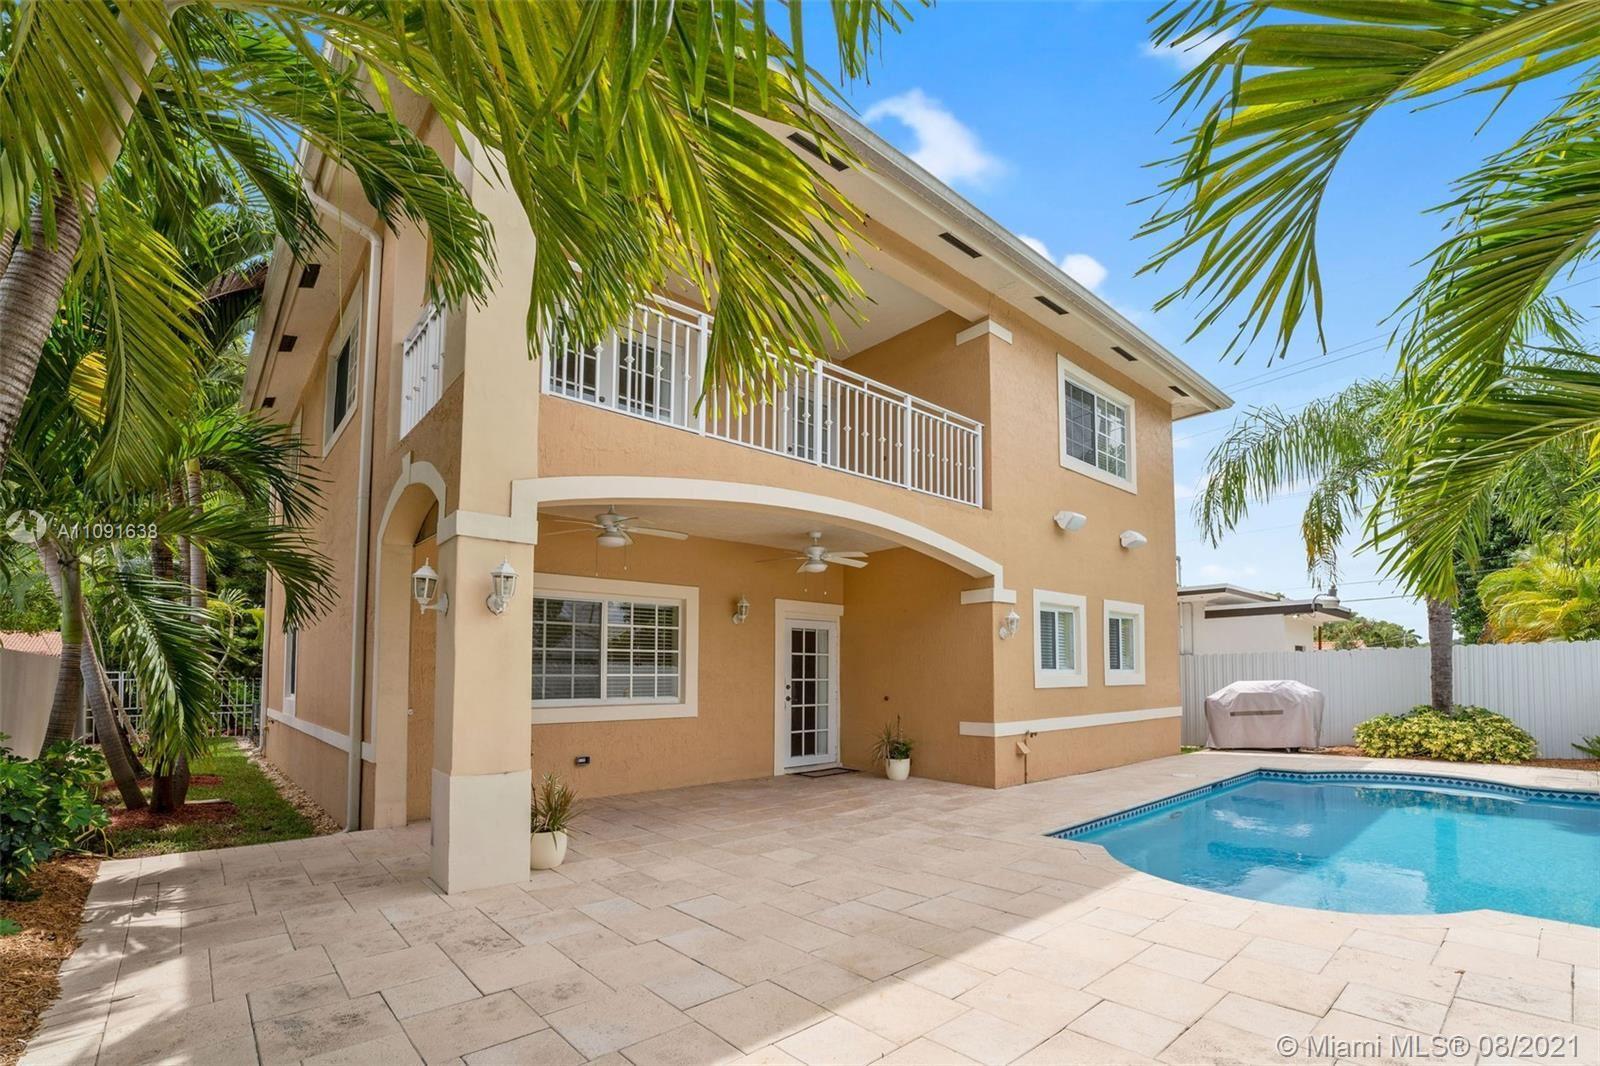 4287 SW 5th St, Miami, FL 33134 - #: A11091638